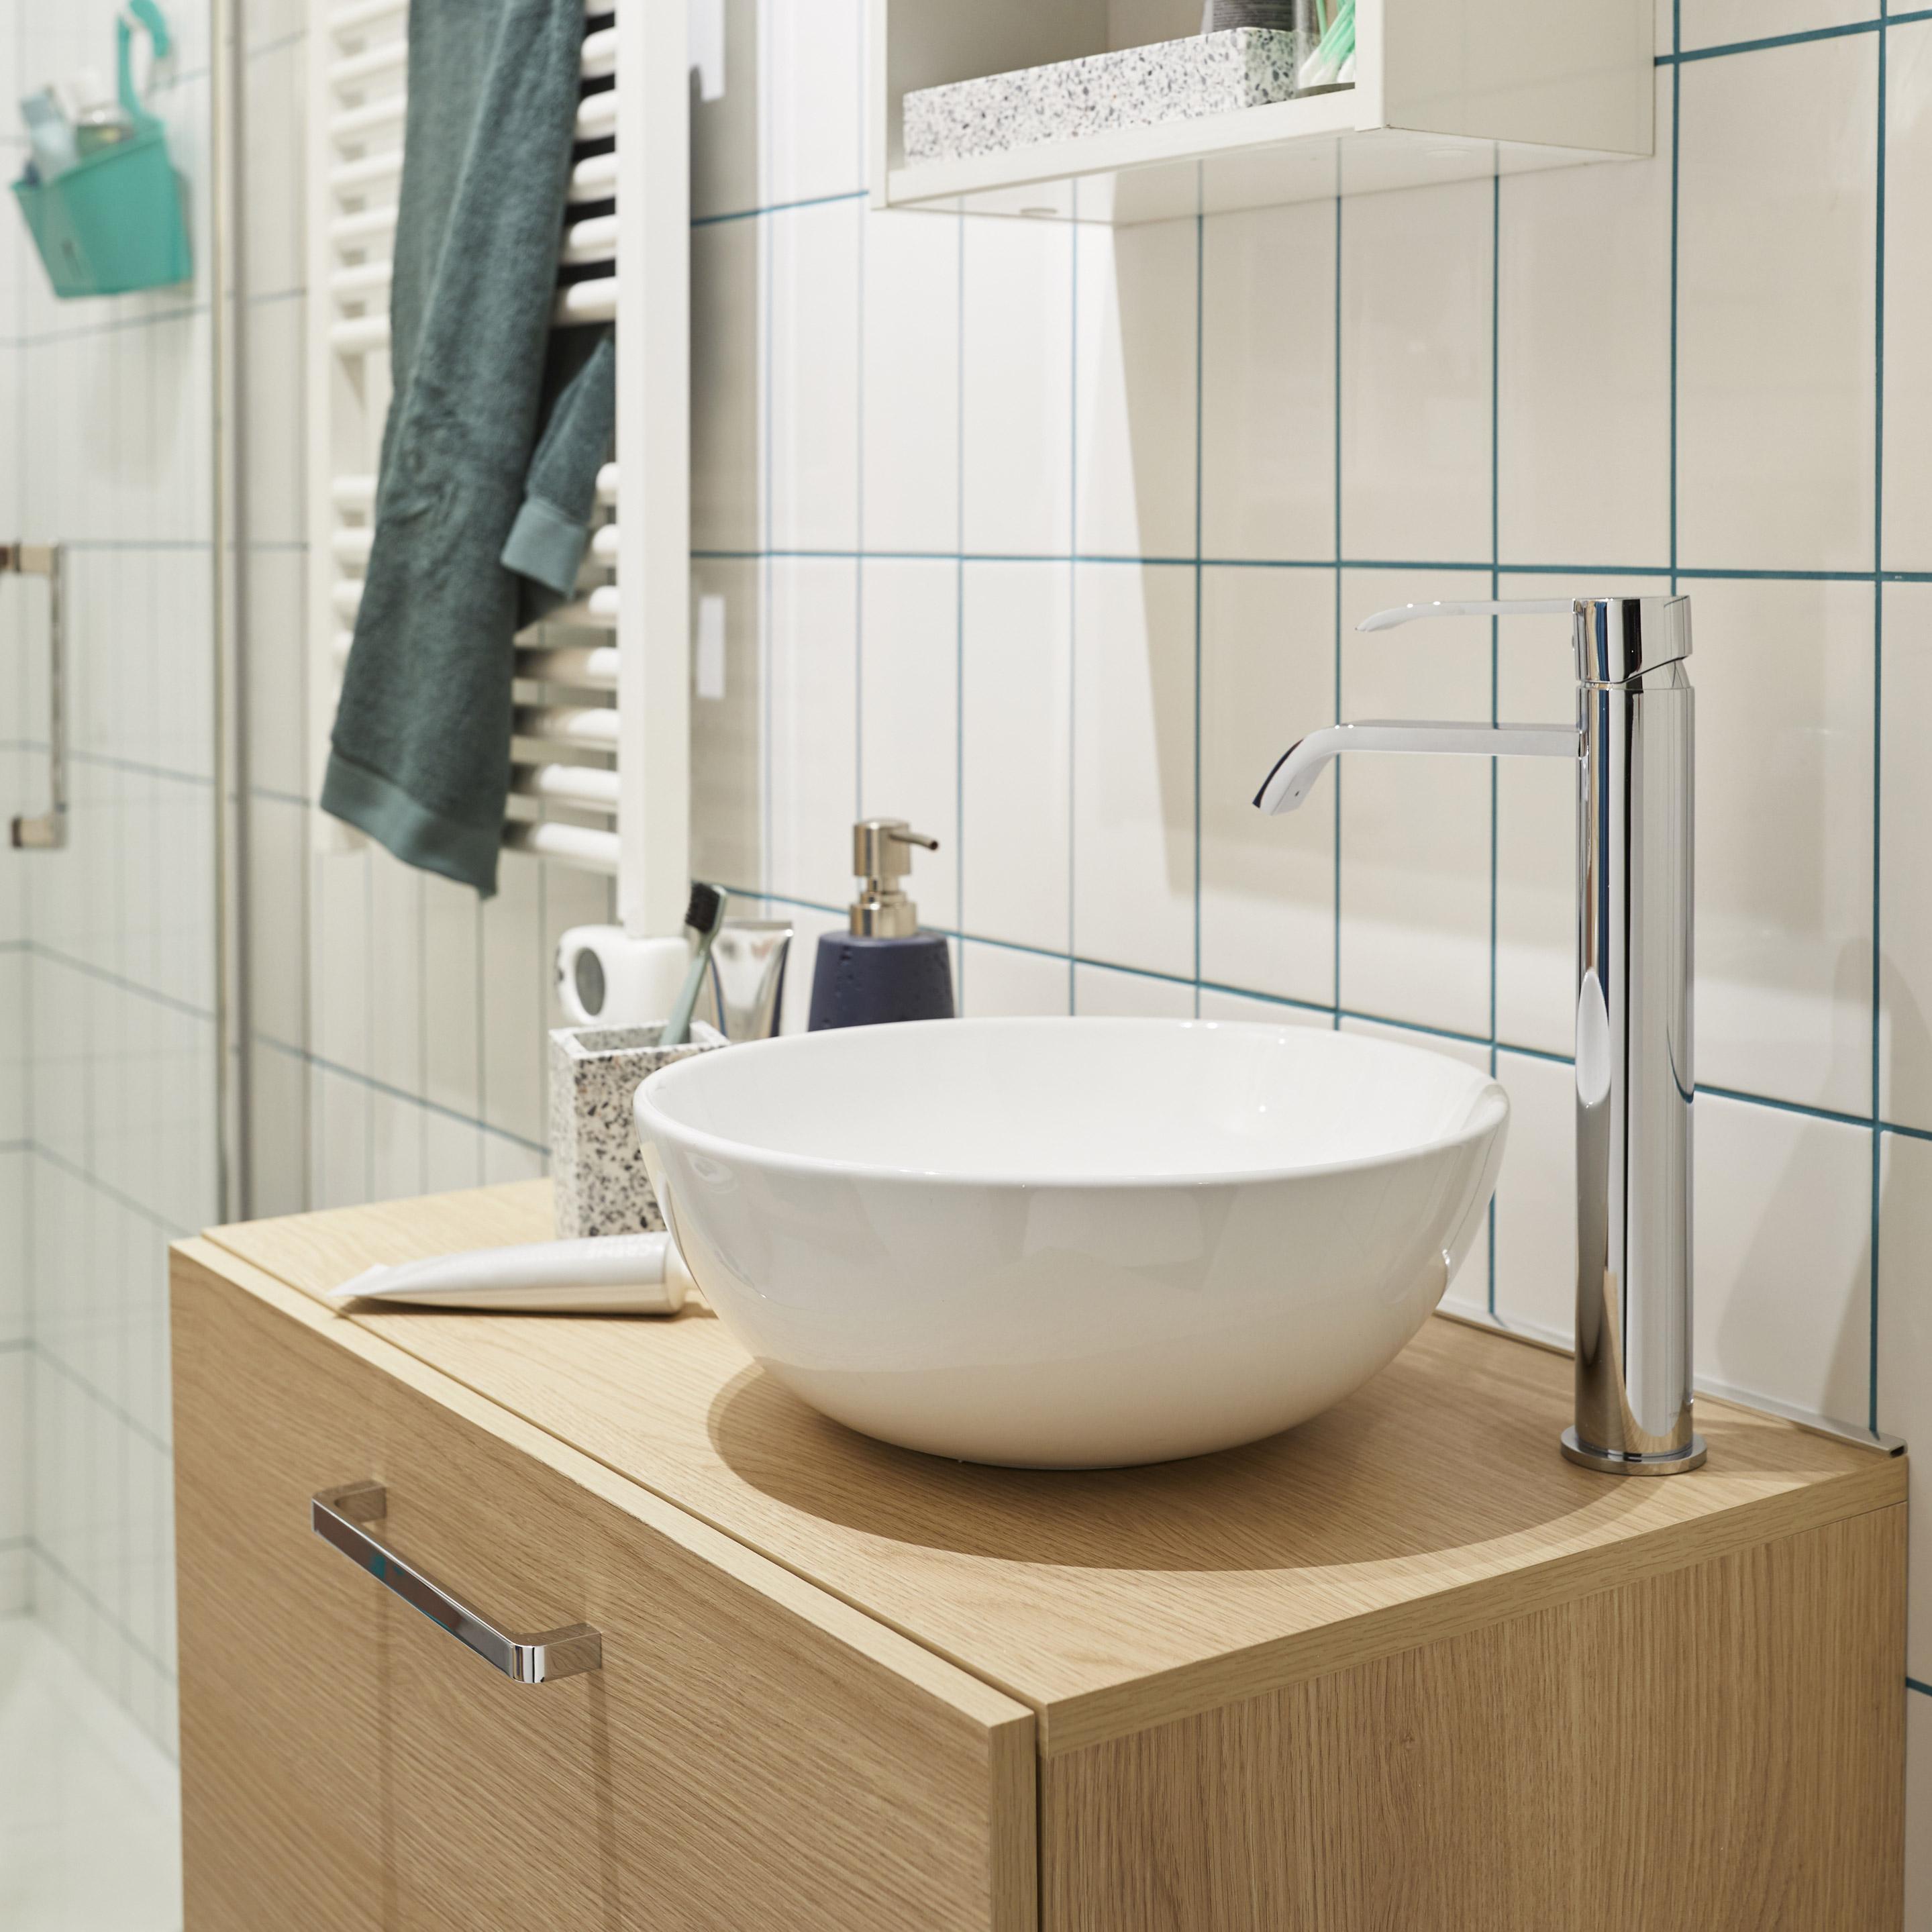 Meuble Simple Vasque A Poser L 70 X H 37 X P 40 Cm Effet Chene Naturel Easy Vasque A Poser Meuble Simple Et Meuble Vasque